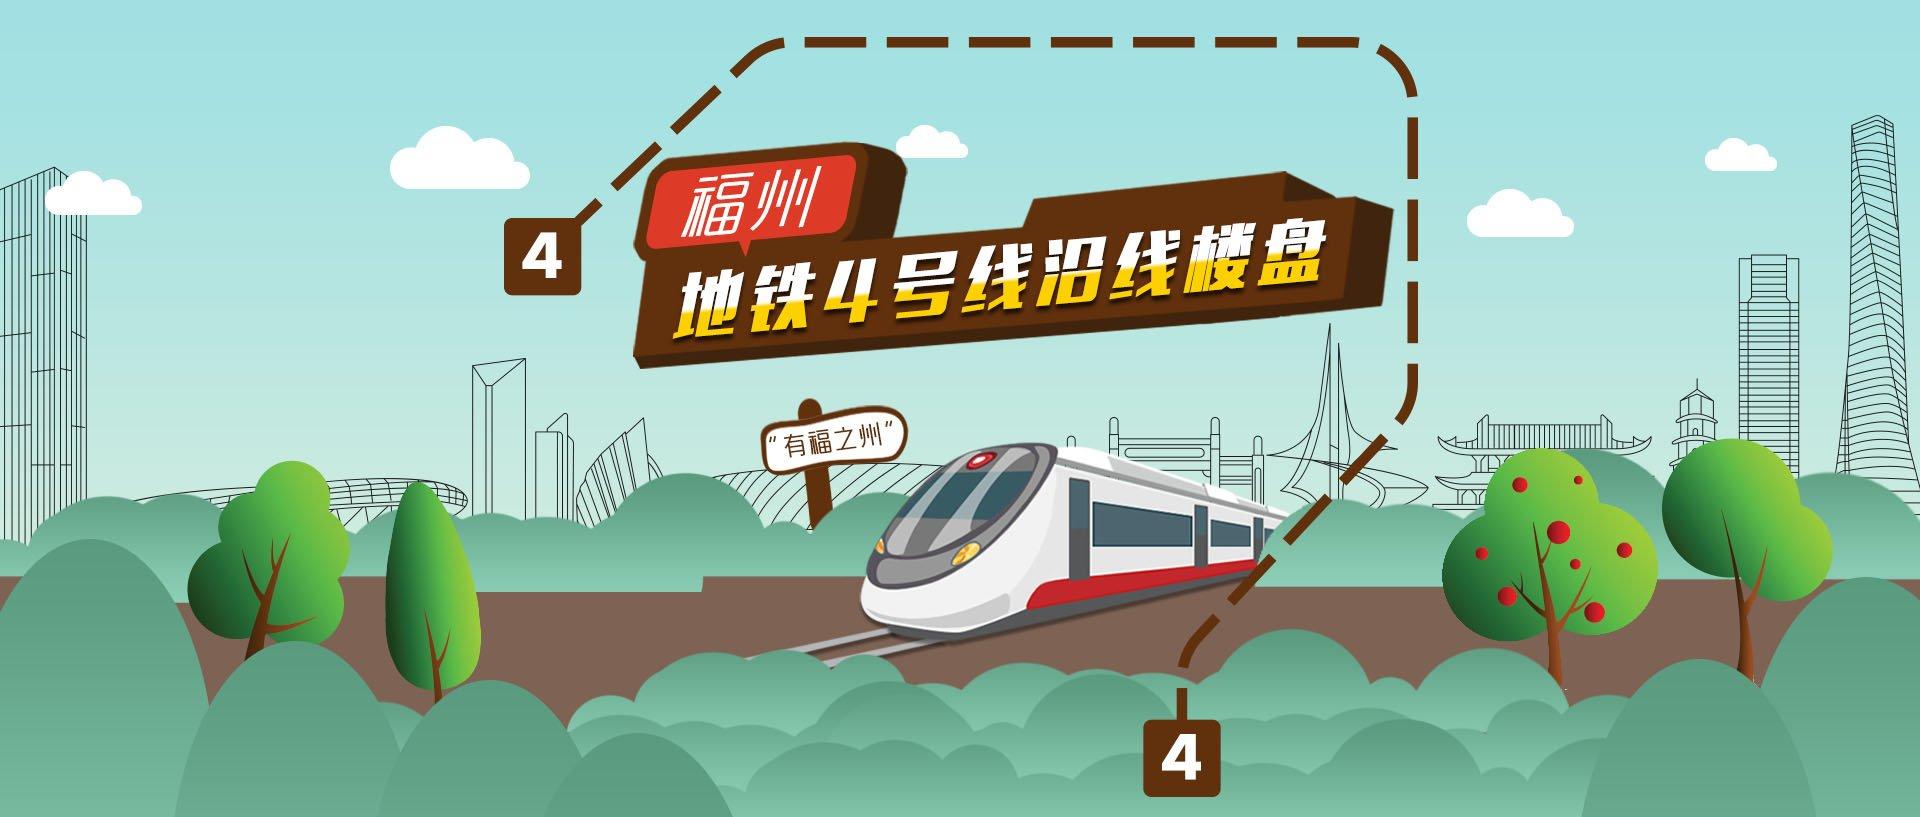 福州地铁4号线获批 沿线22个楼盘大盘点